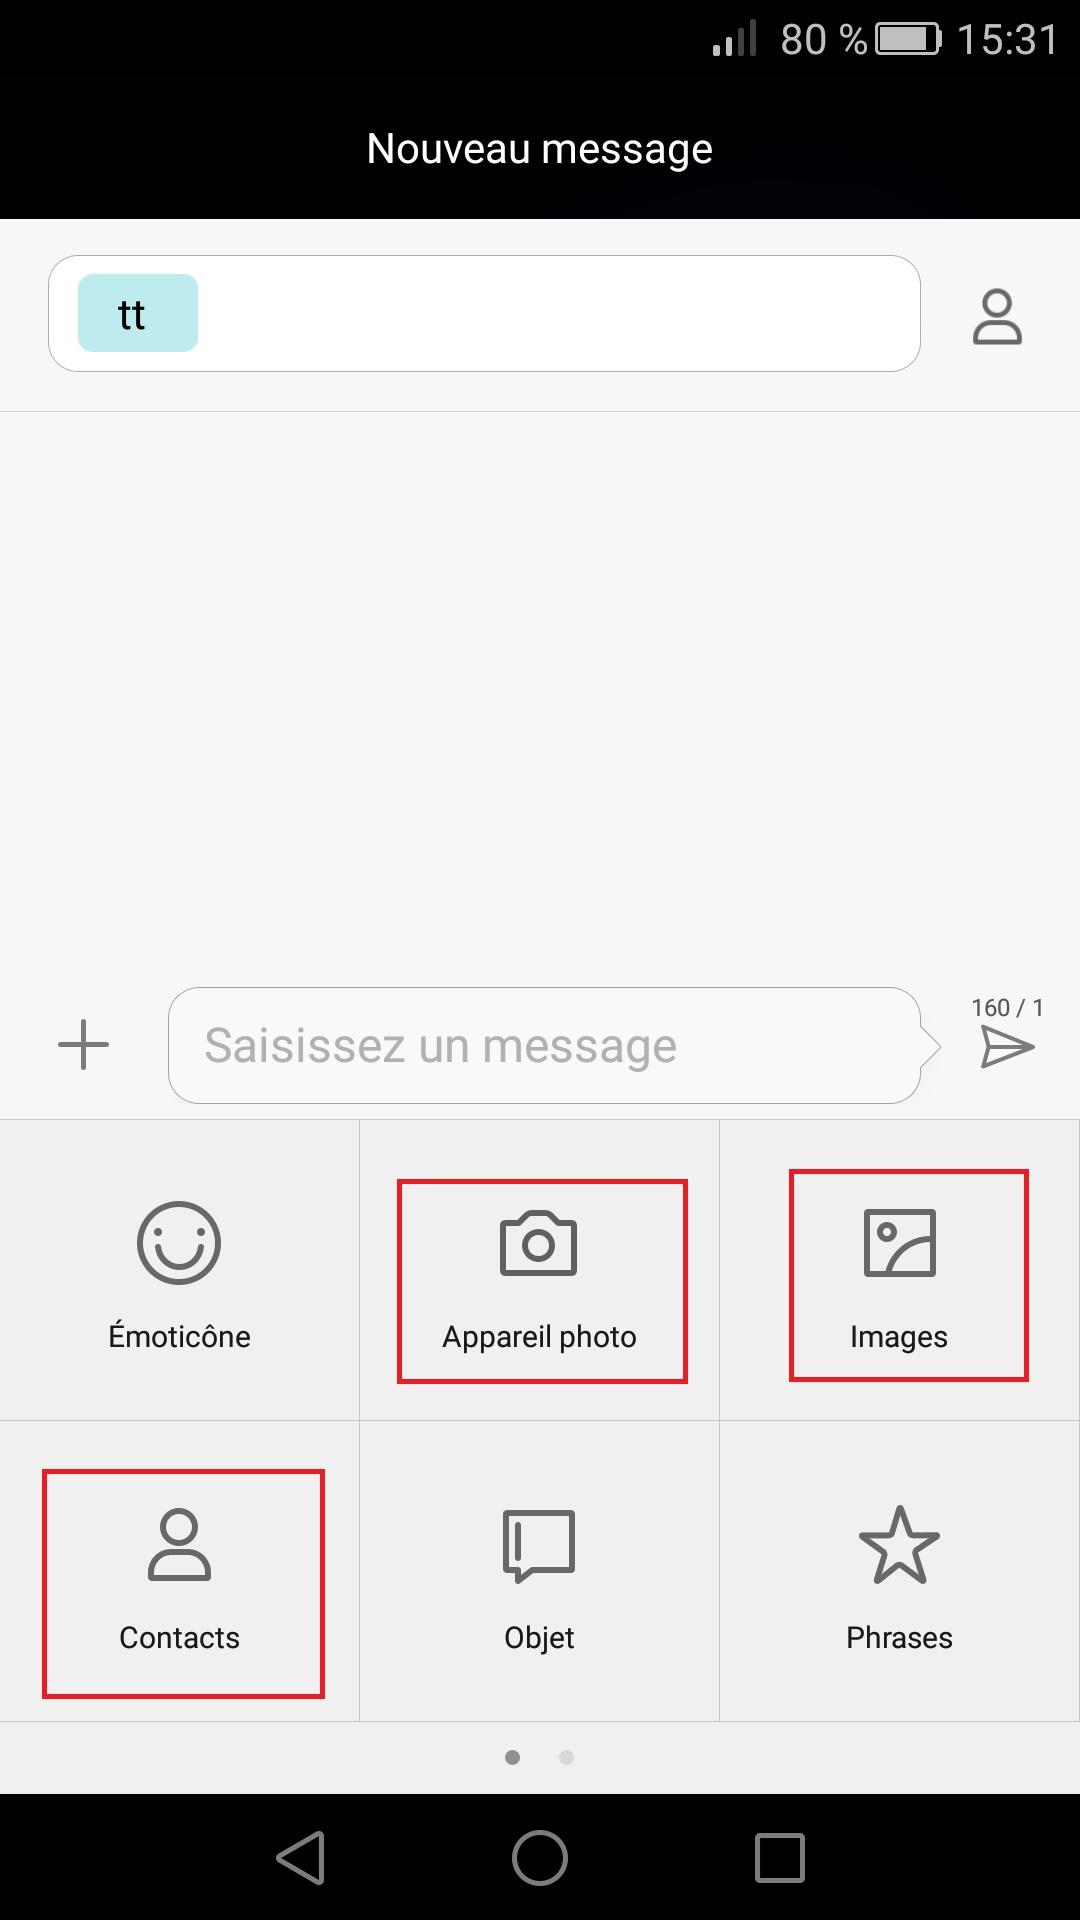 MMS Huawei android 7.0 (envoyer, recevoir, enregistrer